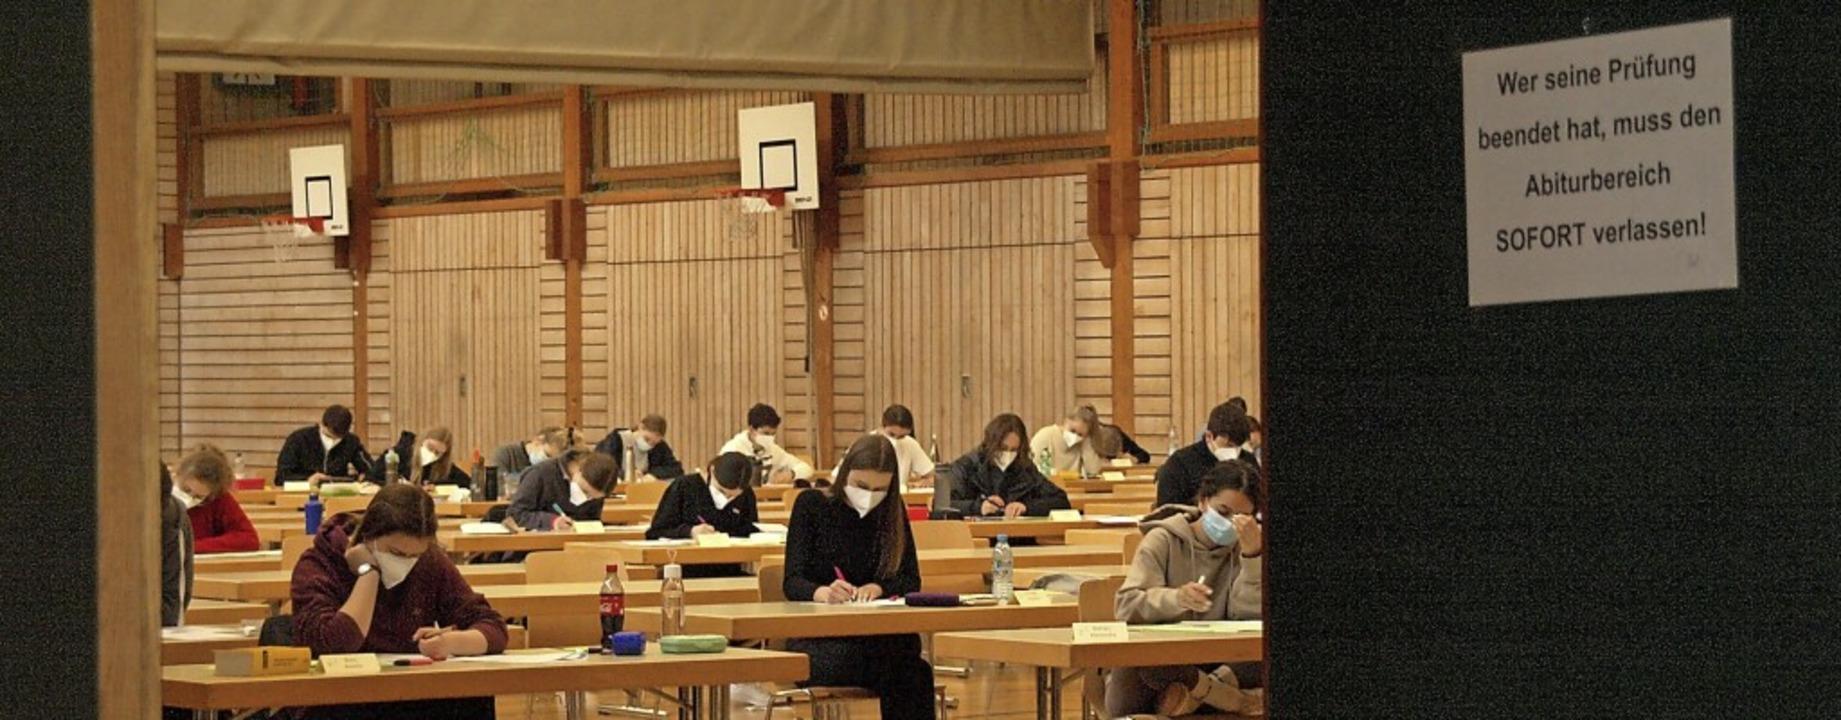 Auch am Kolleg haben die schriftlichen Abiturprüfungen begonnen.     Foto: Karin Stöckl-Steinebrunner